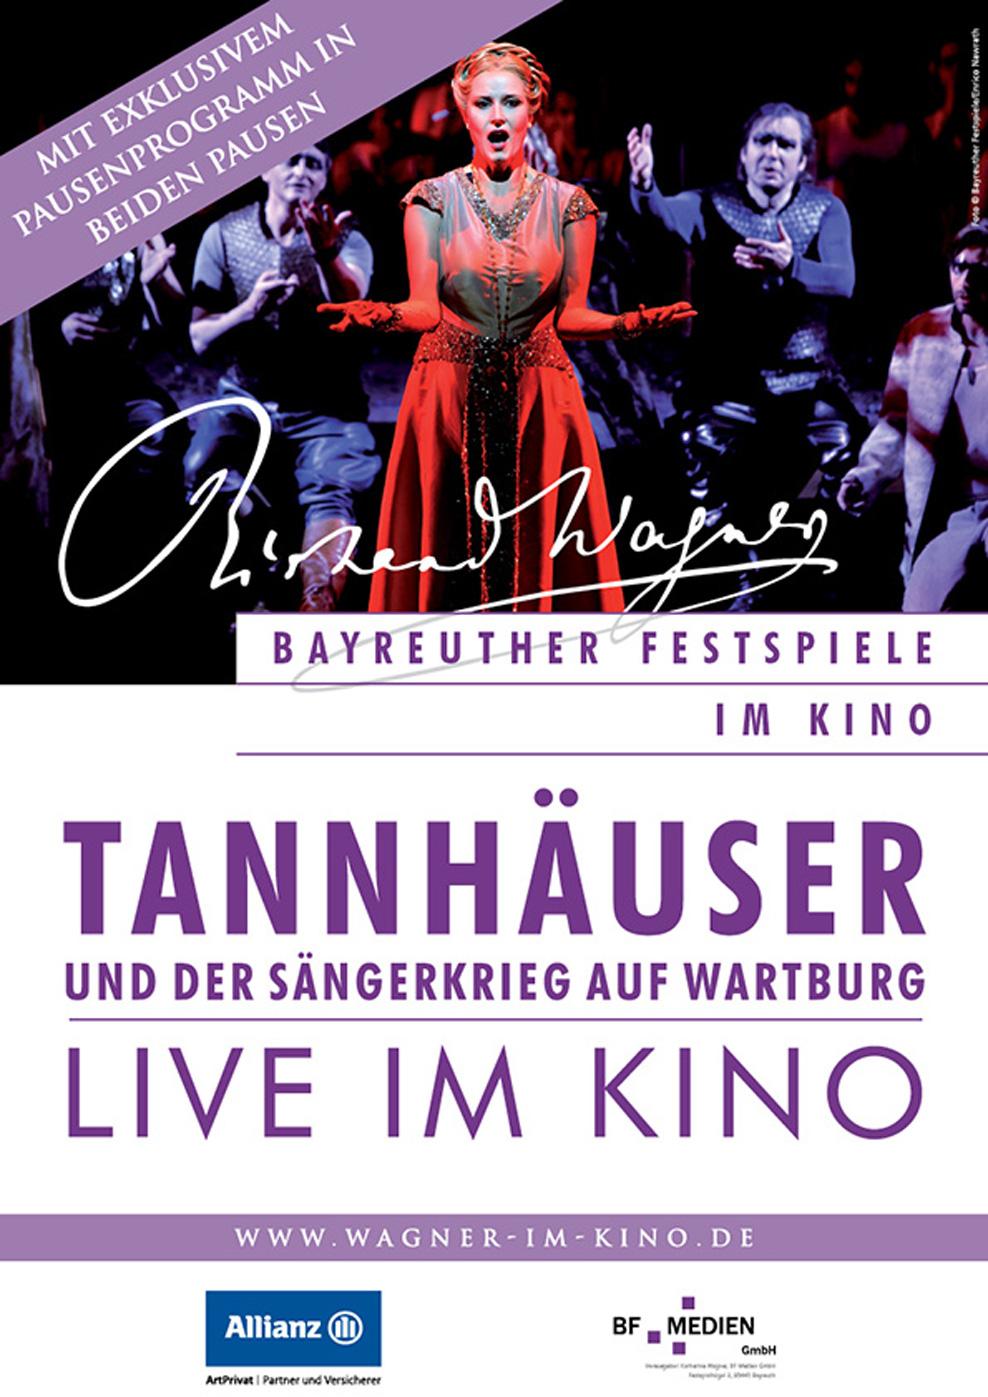 Bayreuther Festspiele 2014 Live: Tannhäuser und der Sängerkrieg auf Wartburg (Poster)